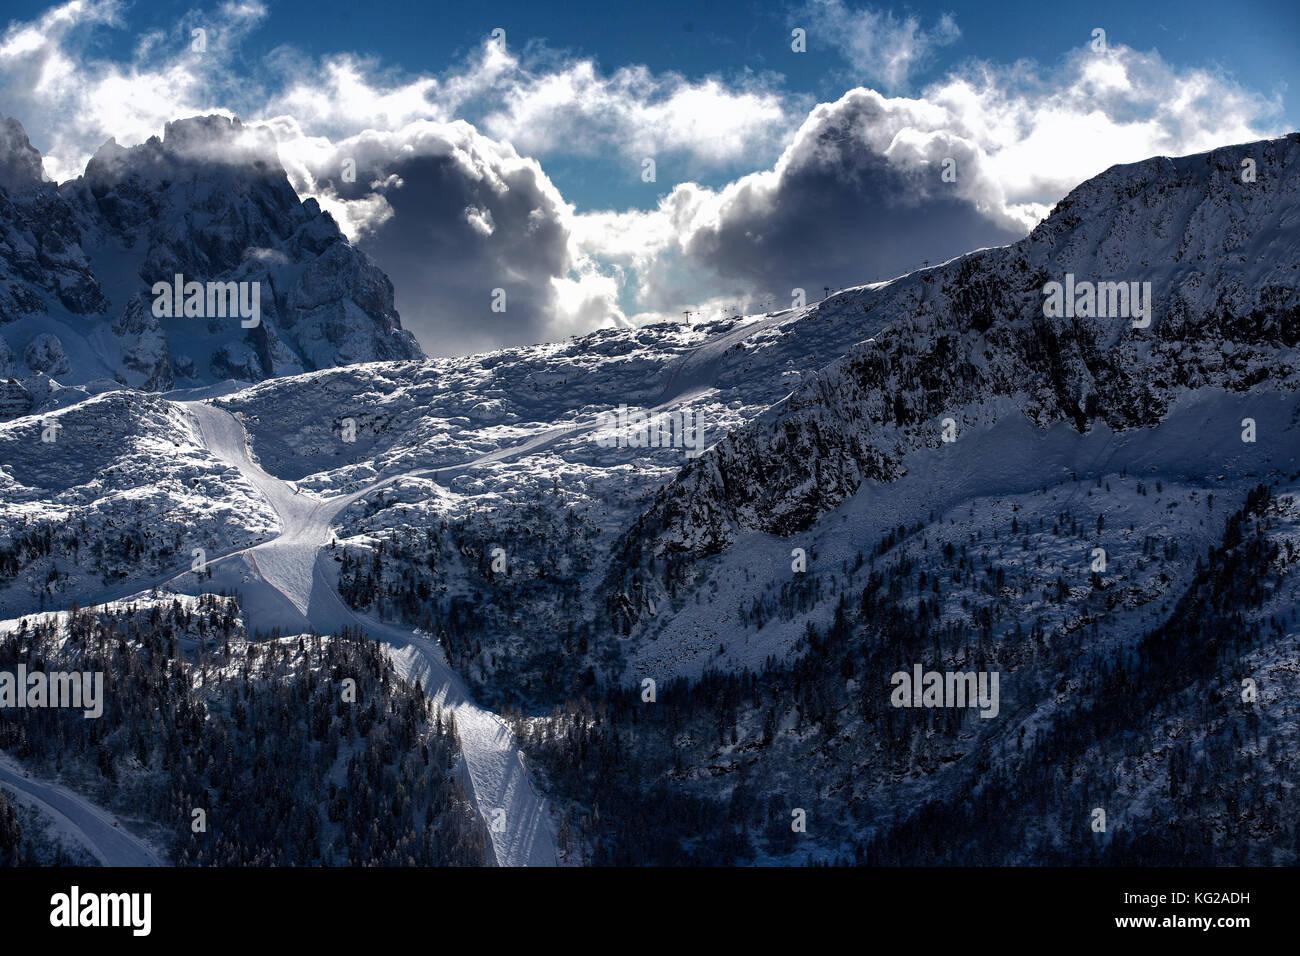 Estación de esquí paisaje con buenas condiciones meteorológicas del invierno Foto de stock